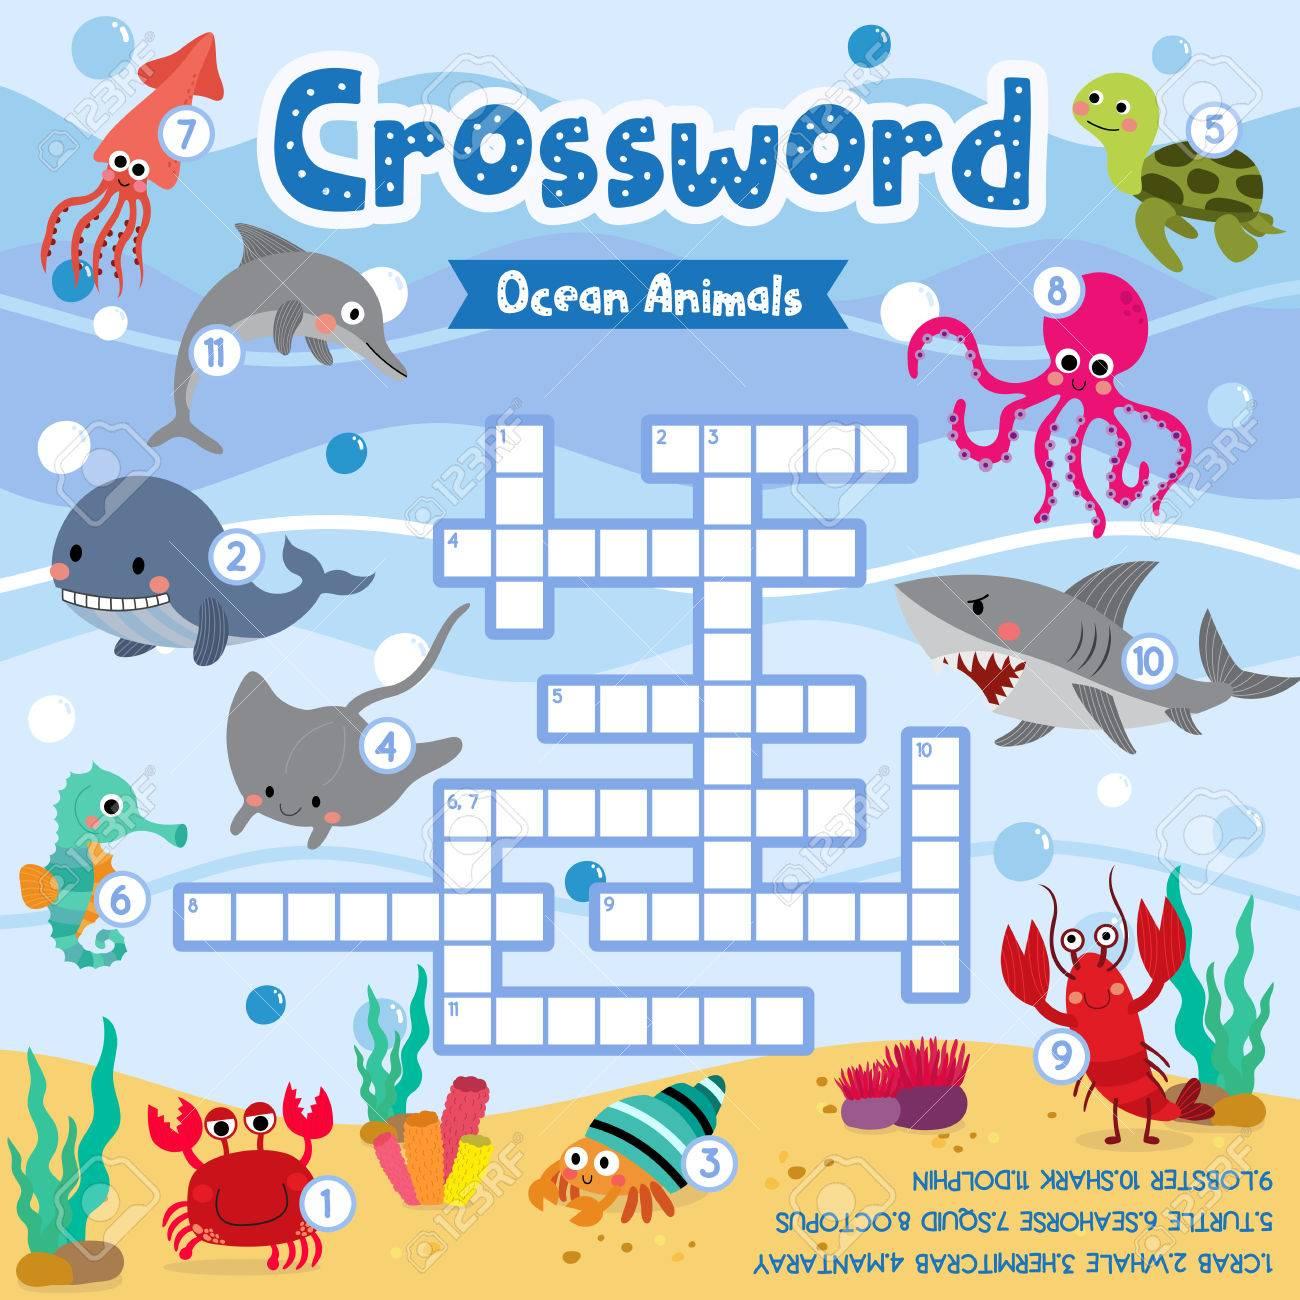 Crosswords Puzzle Game Of Ocean Animals For Preschool Kids Activity.. - Printable Ocean Crossword Puzzles